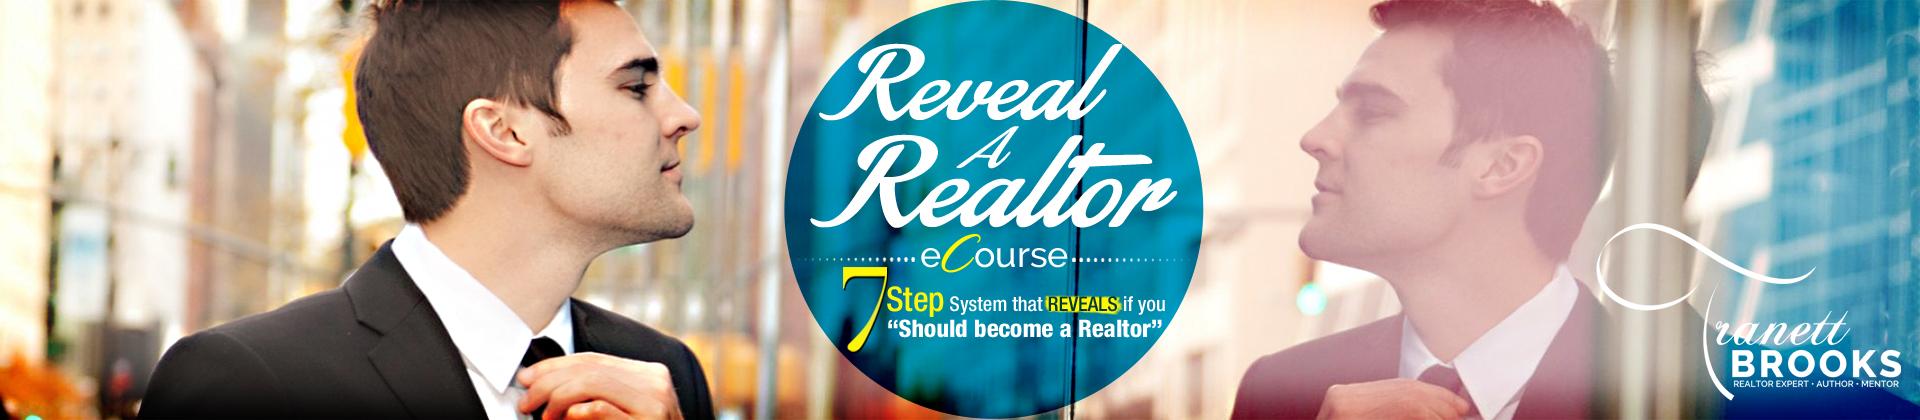 Should I Become A Realtor reveal a realtor